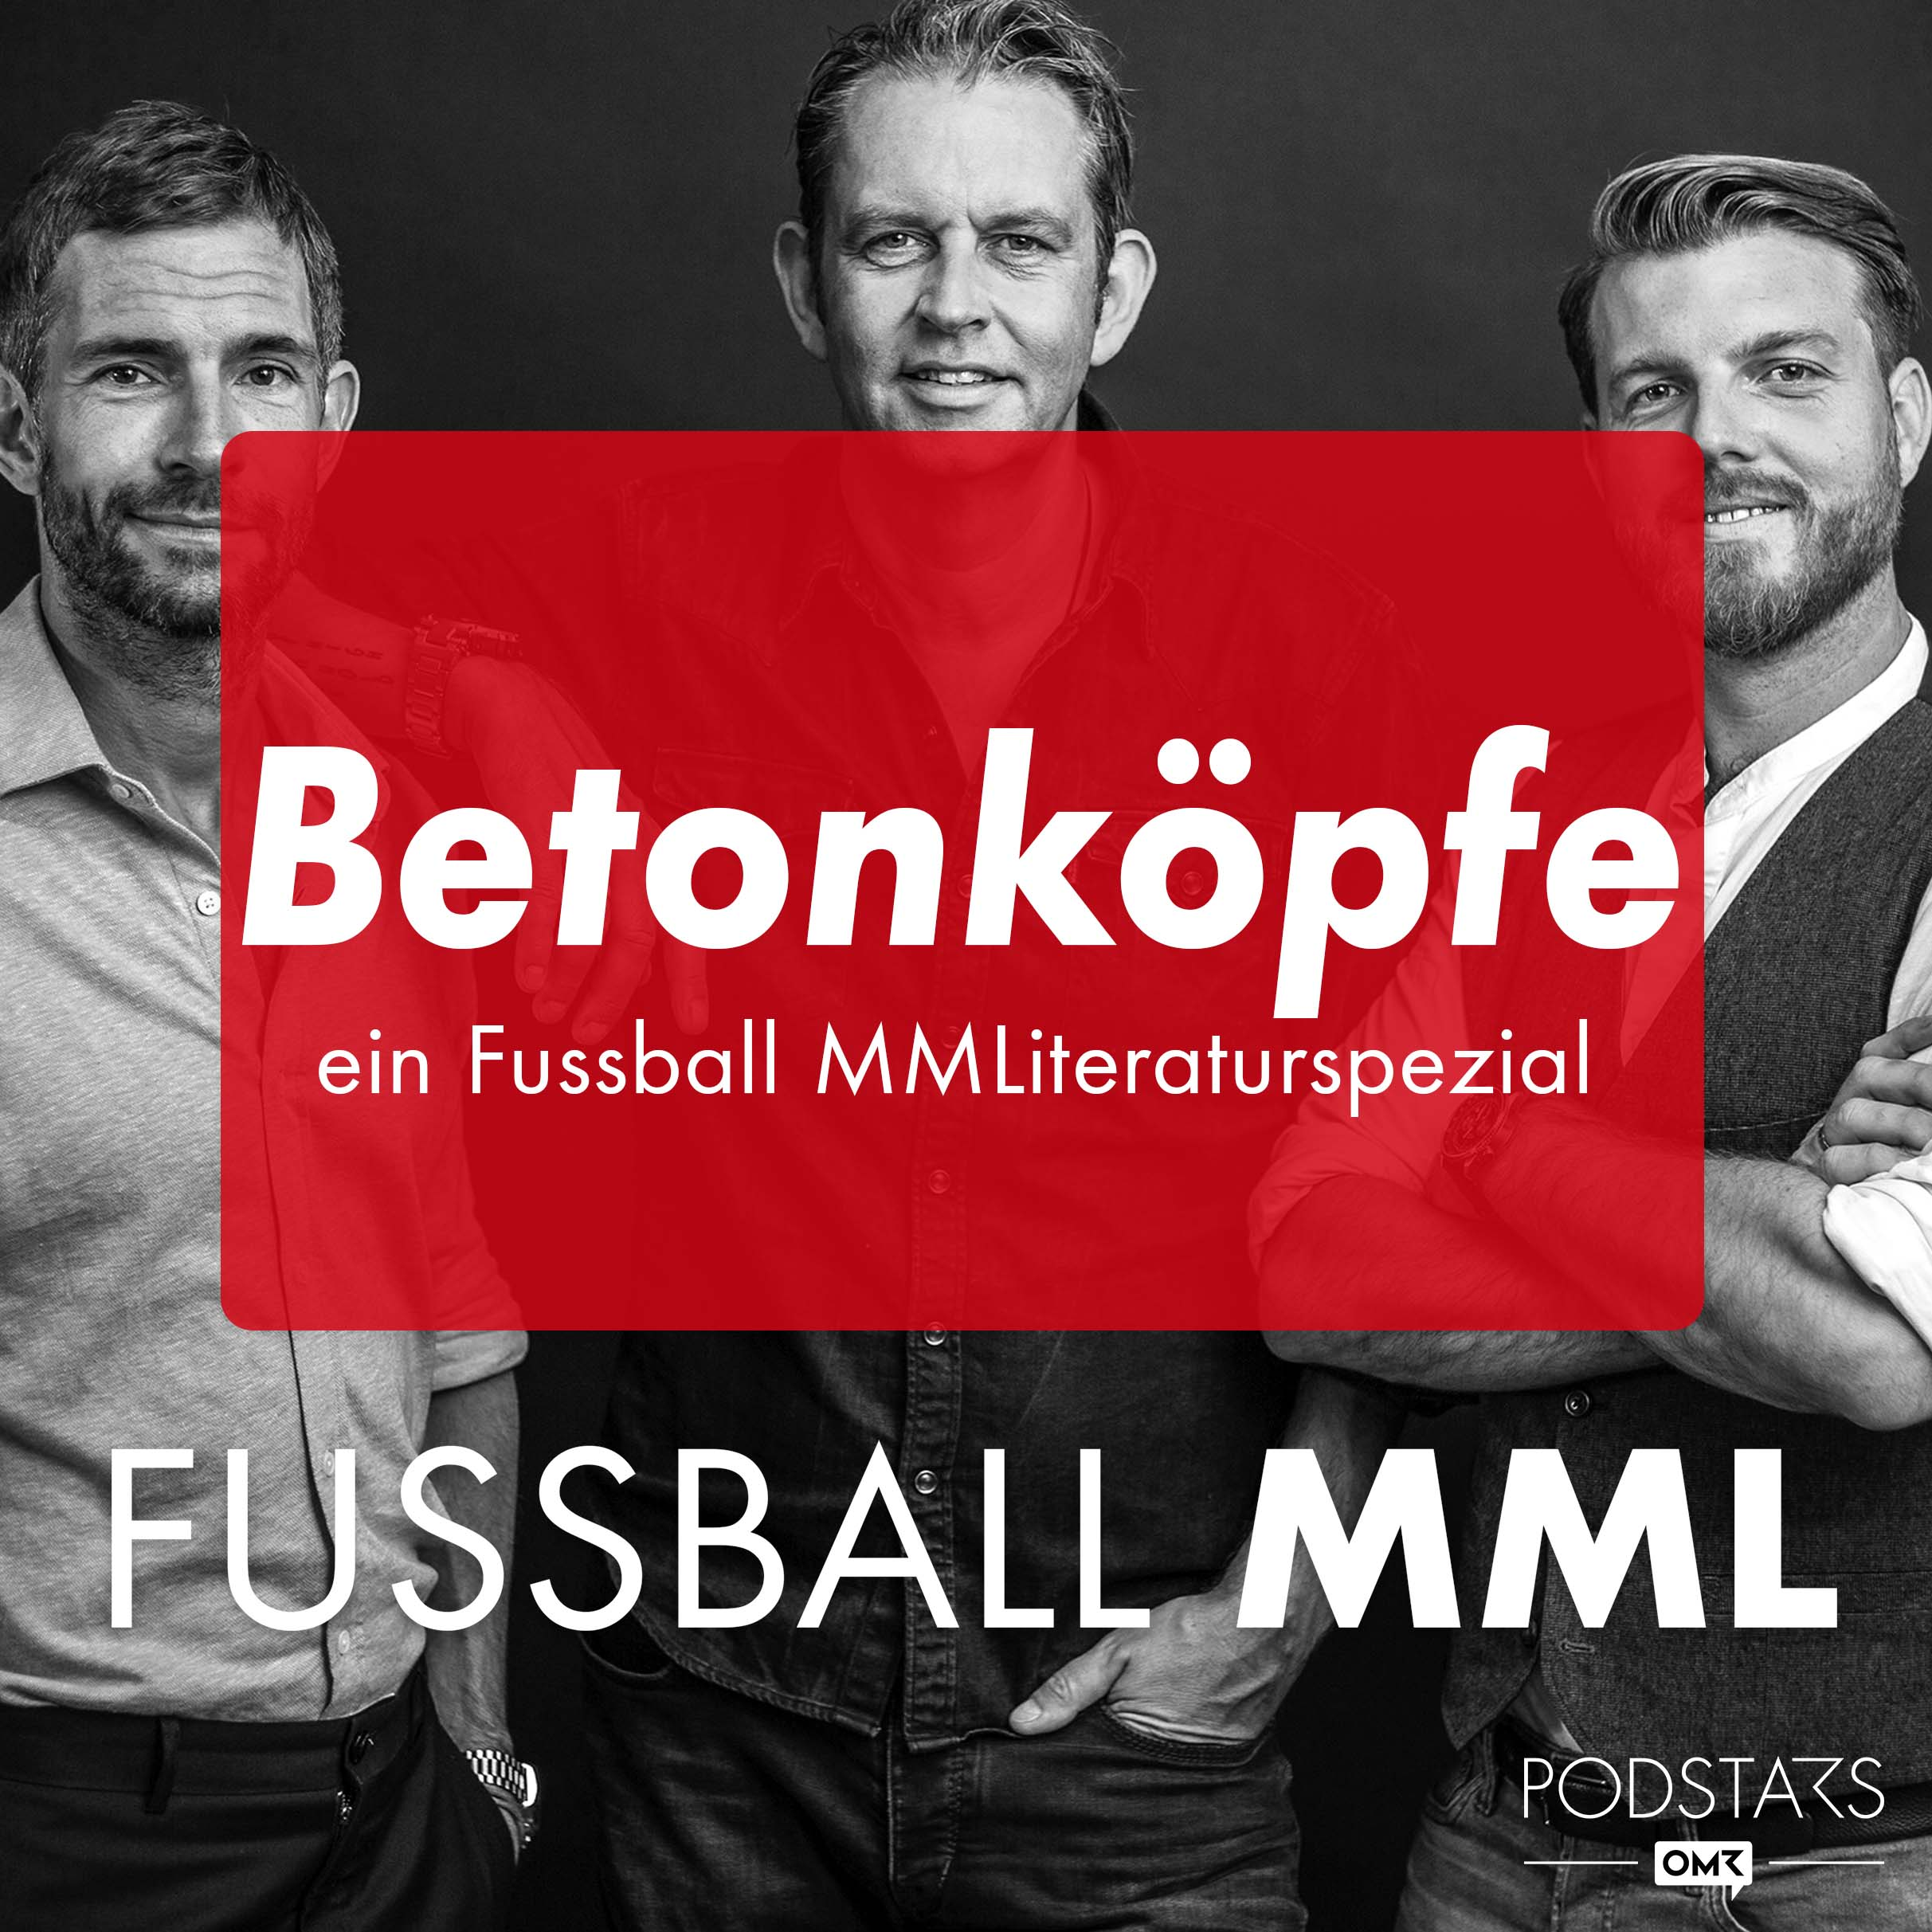 Betonköpfe – ein Fussball MMLiteraturspezial